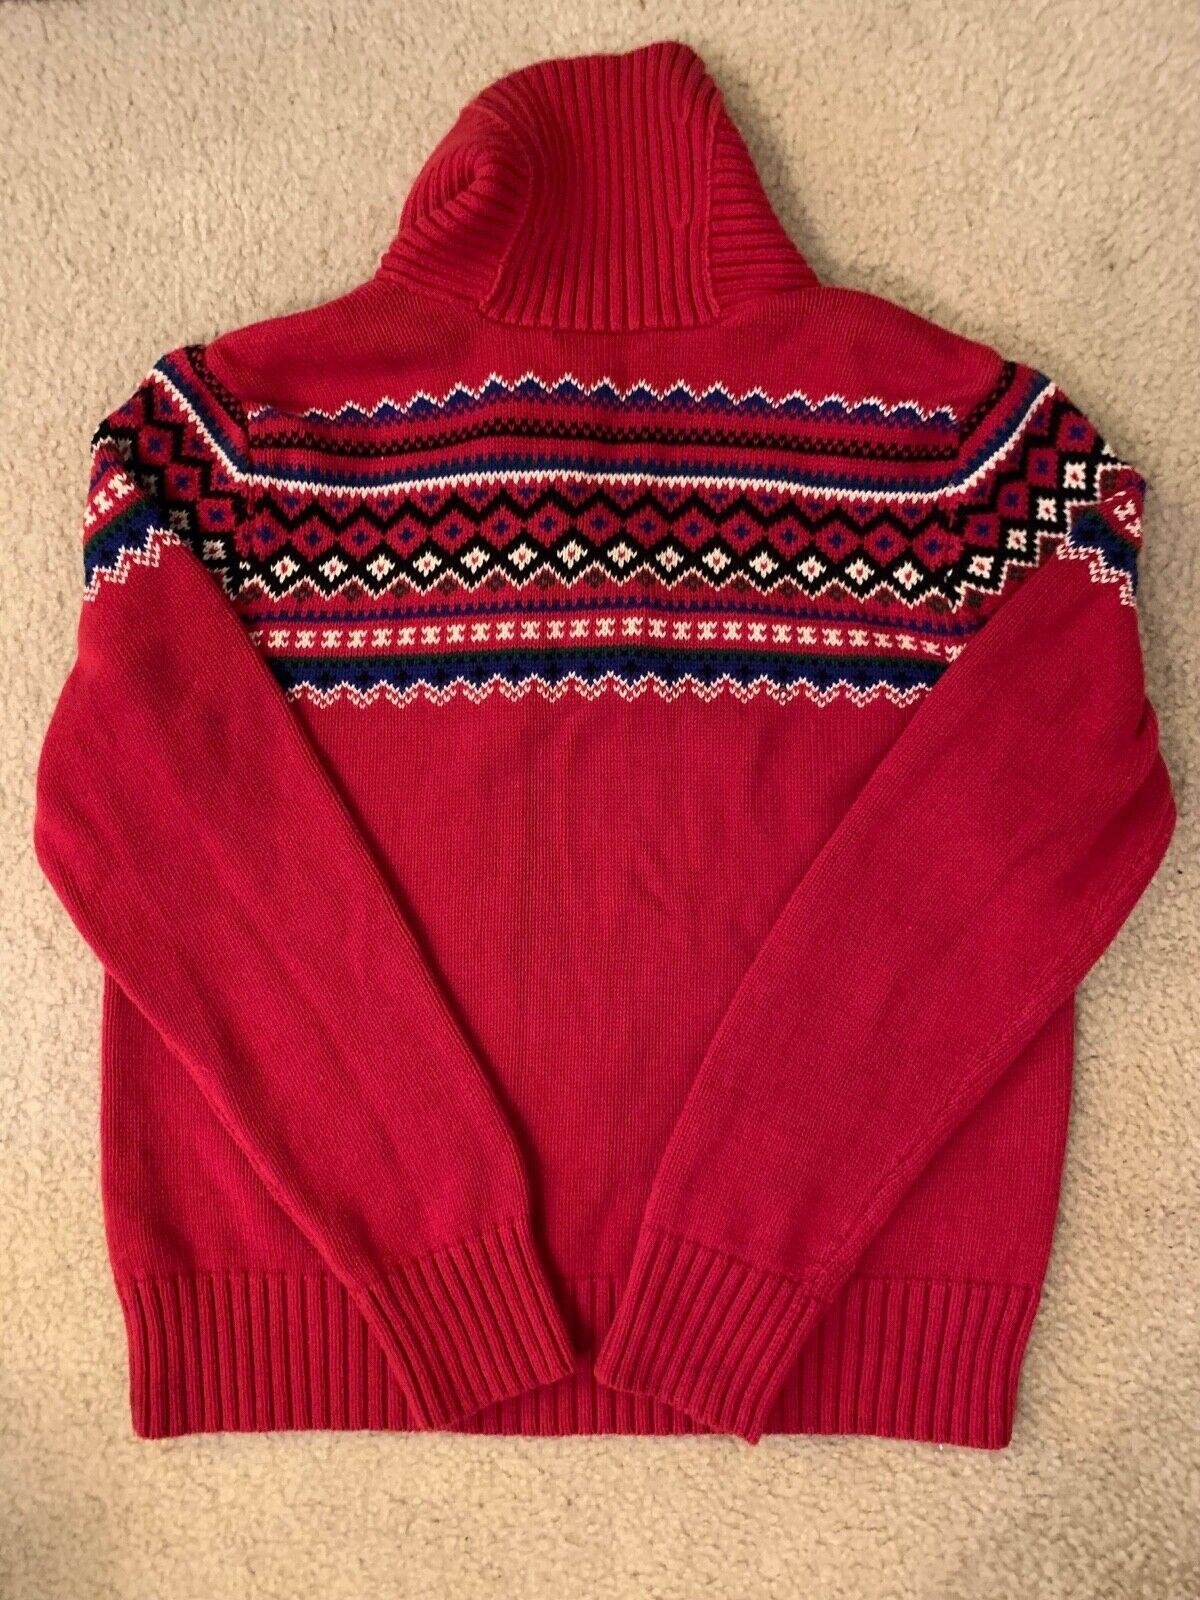 Lauren Ralph Lauren Classic Red Sweater - image 4